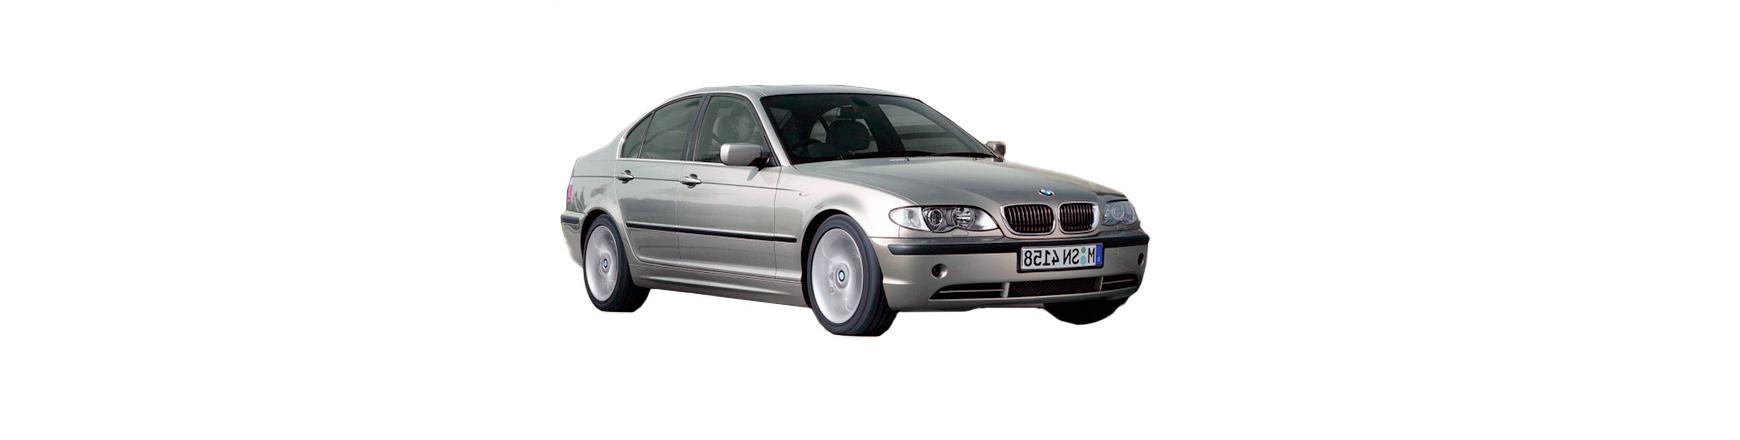 Bmw Serie 3 E46 de 2001 a 2005. 316i, 318i, 320i, 318d, 320d, 330d,